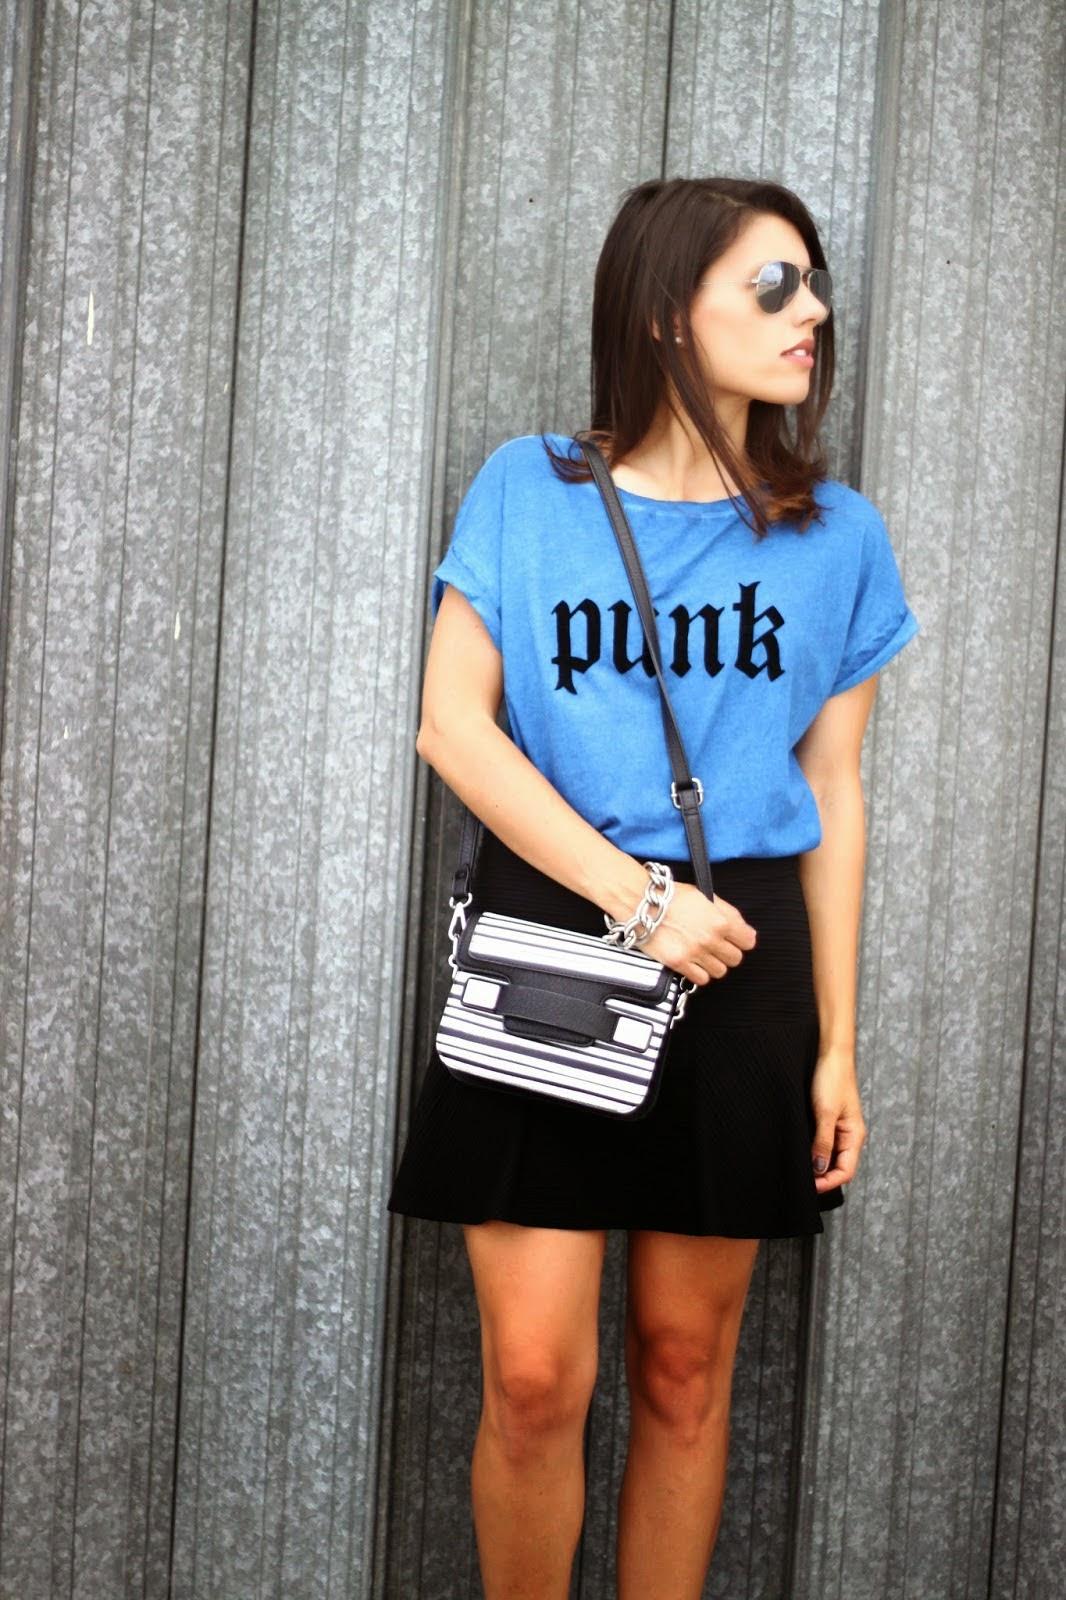 http://ilovefitametrica.blogspot.pt/2014/06/my-punk-t-shirt.html